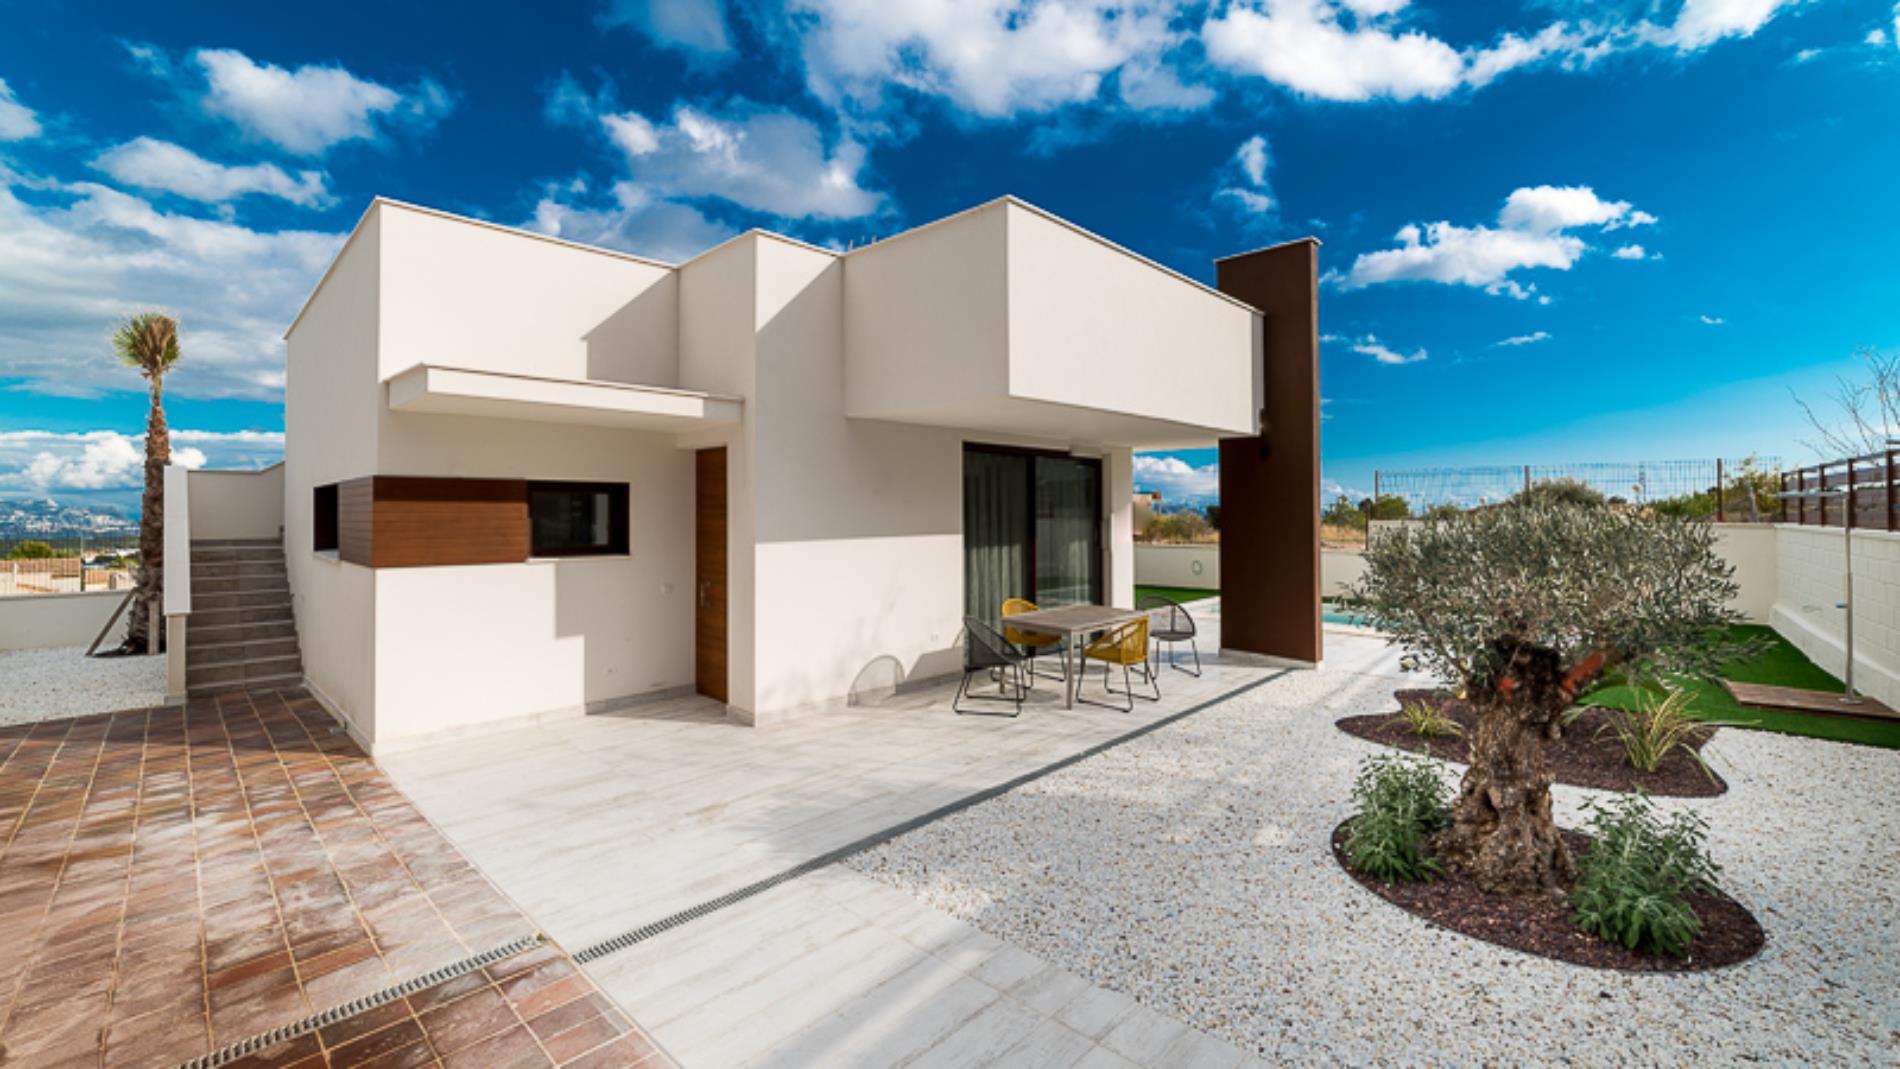 Chalet | Villa en venta en Polop, de obra nueva